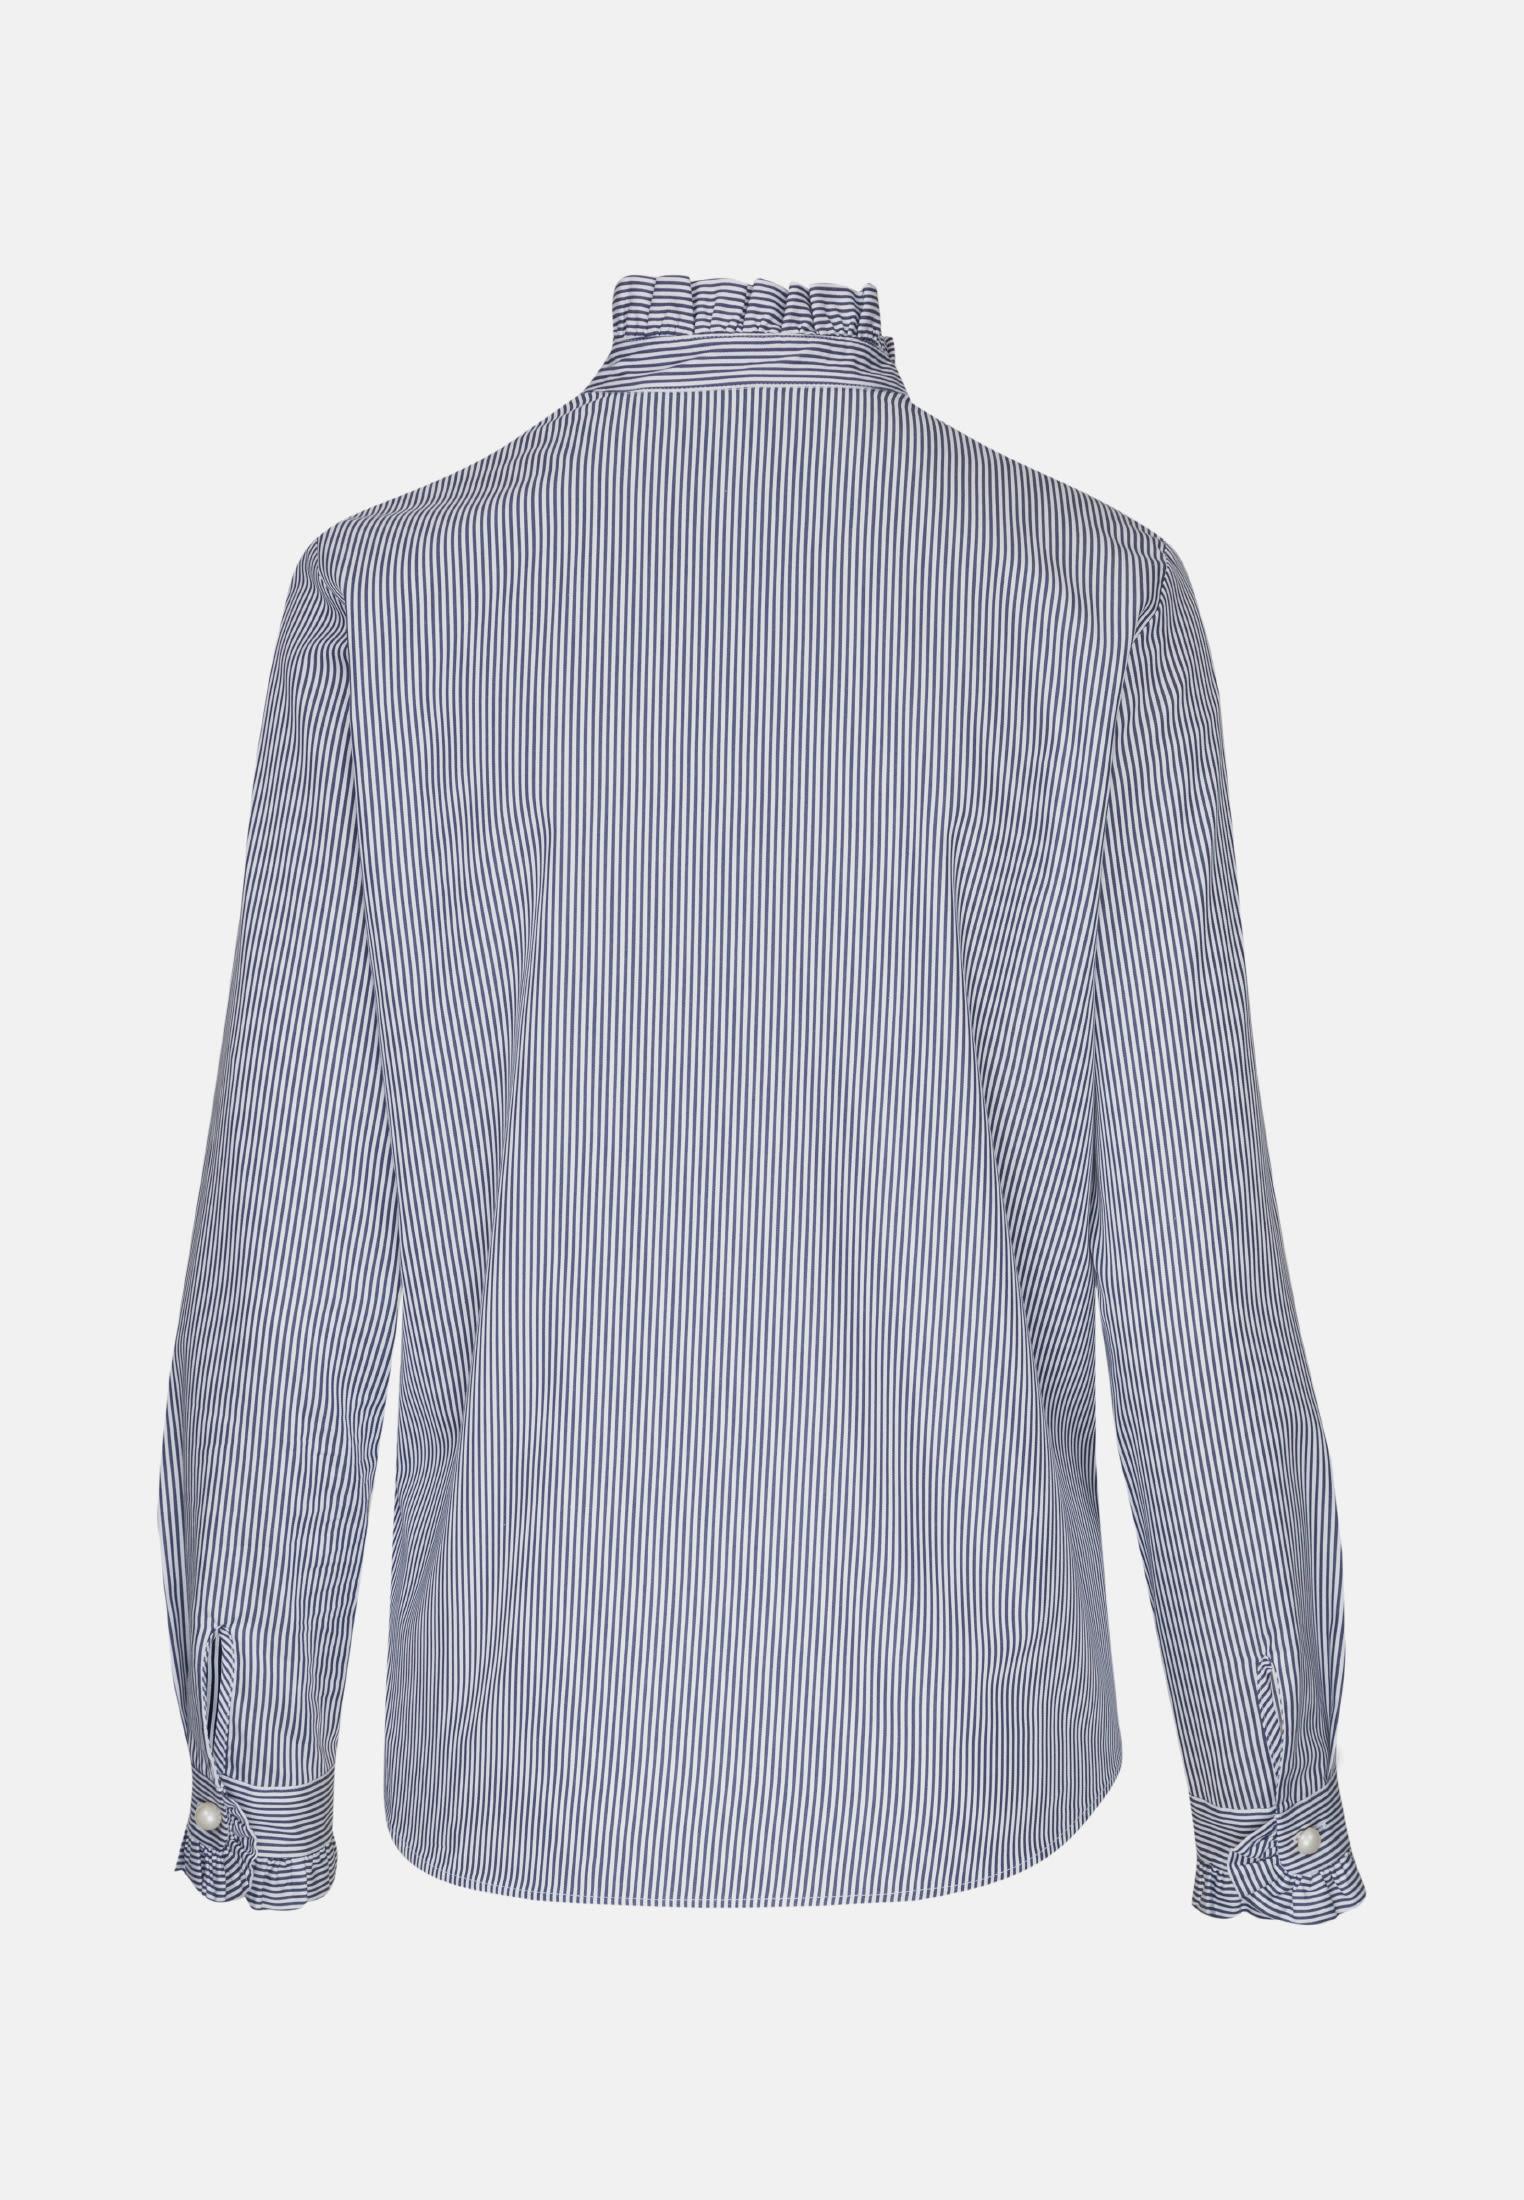 Poplin Stand-Up Blouse made of 100% Cotton in marine |  Seidensticker Onlineshop